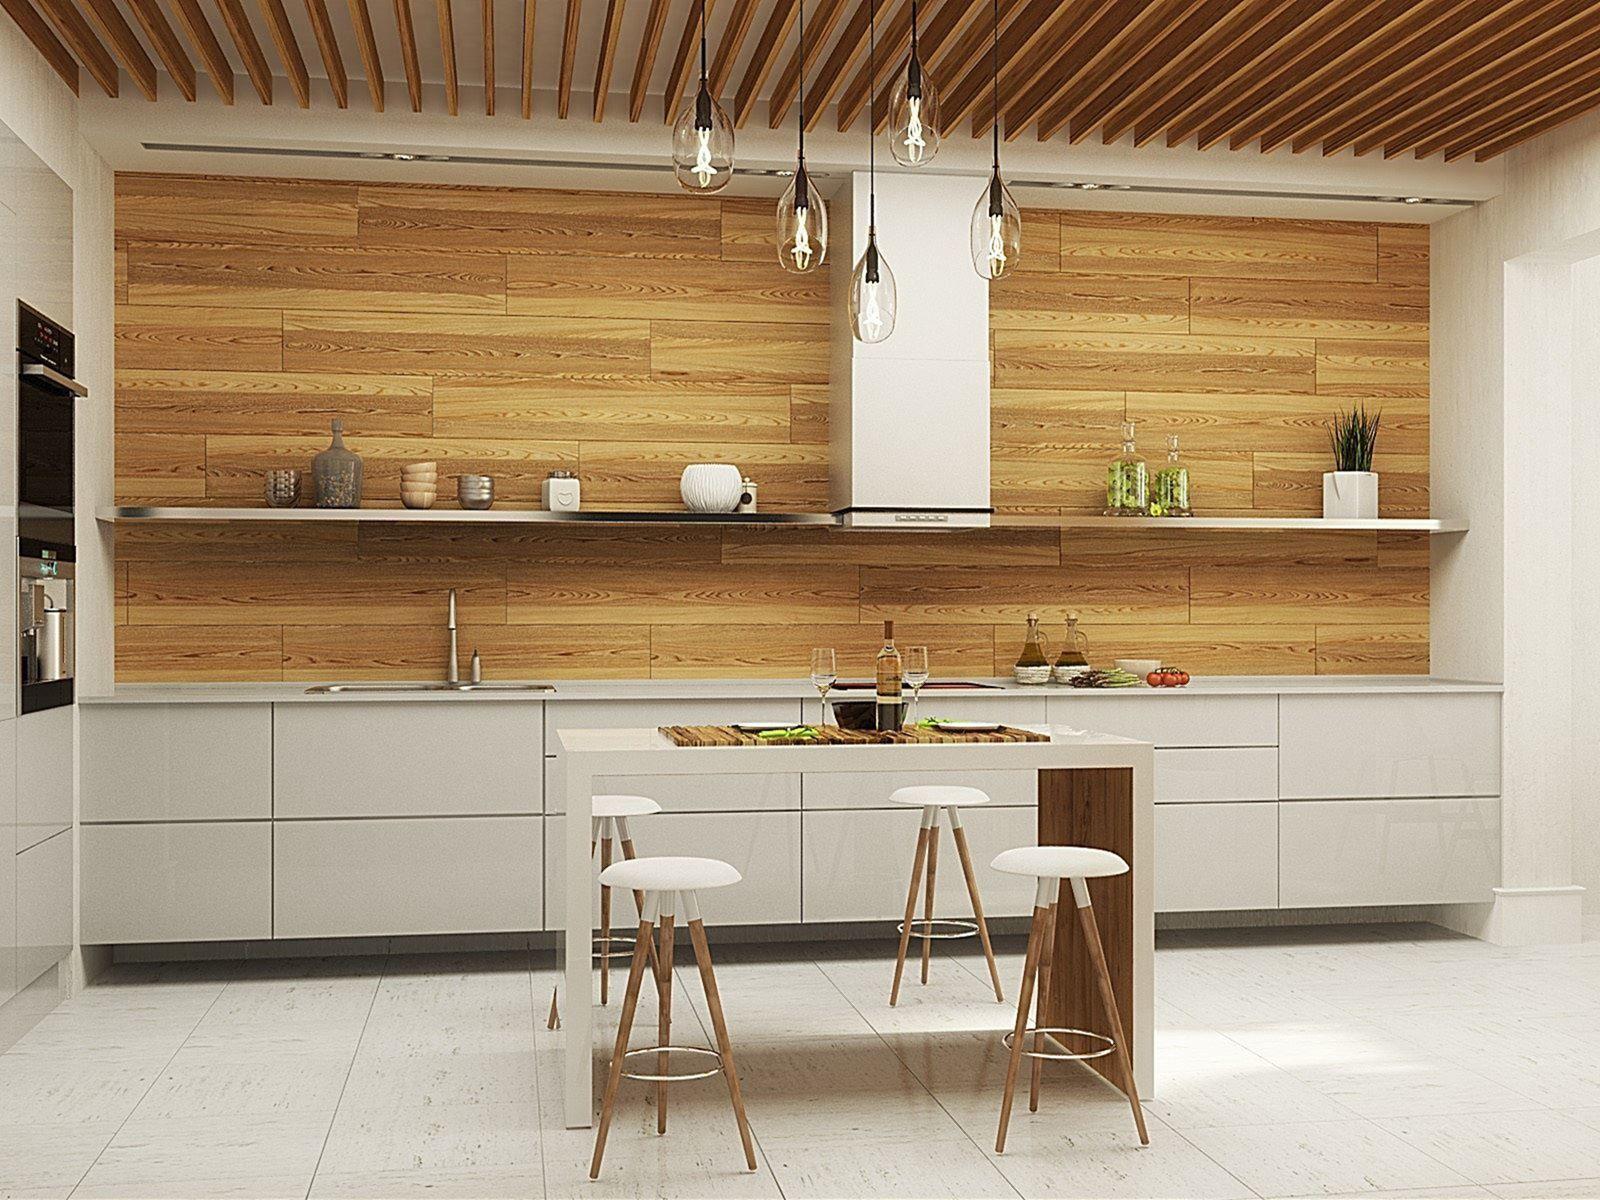 10 comfortable minimalist kitchen decorating ideas to inspire modern kitchen furniture on kitchen ideas minimalist id=49831